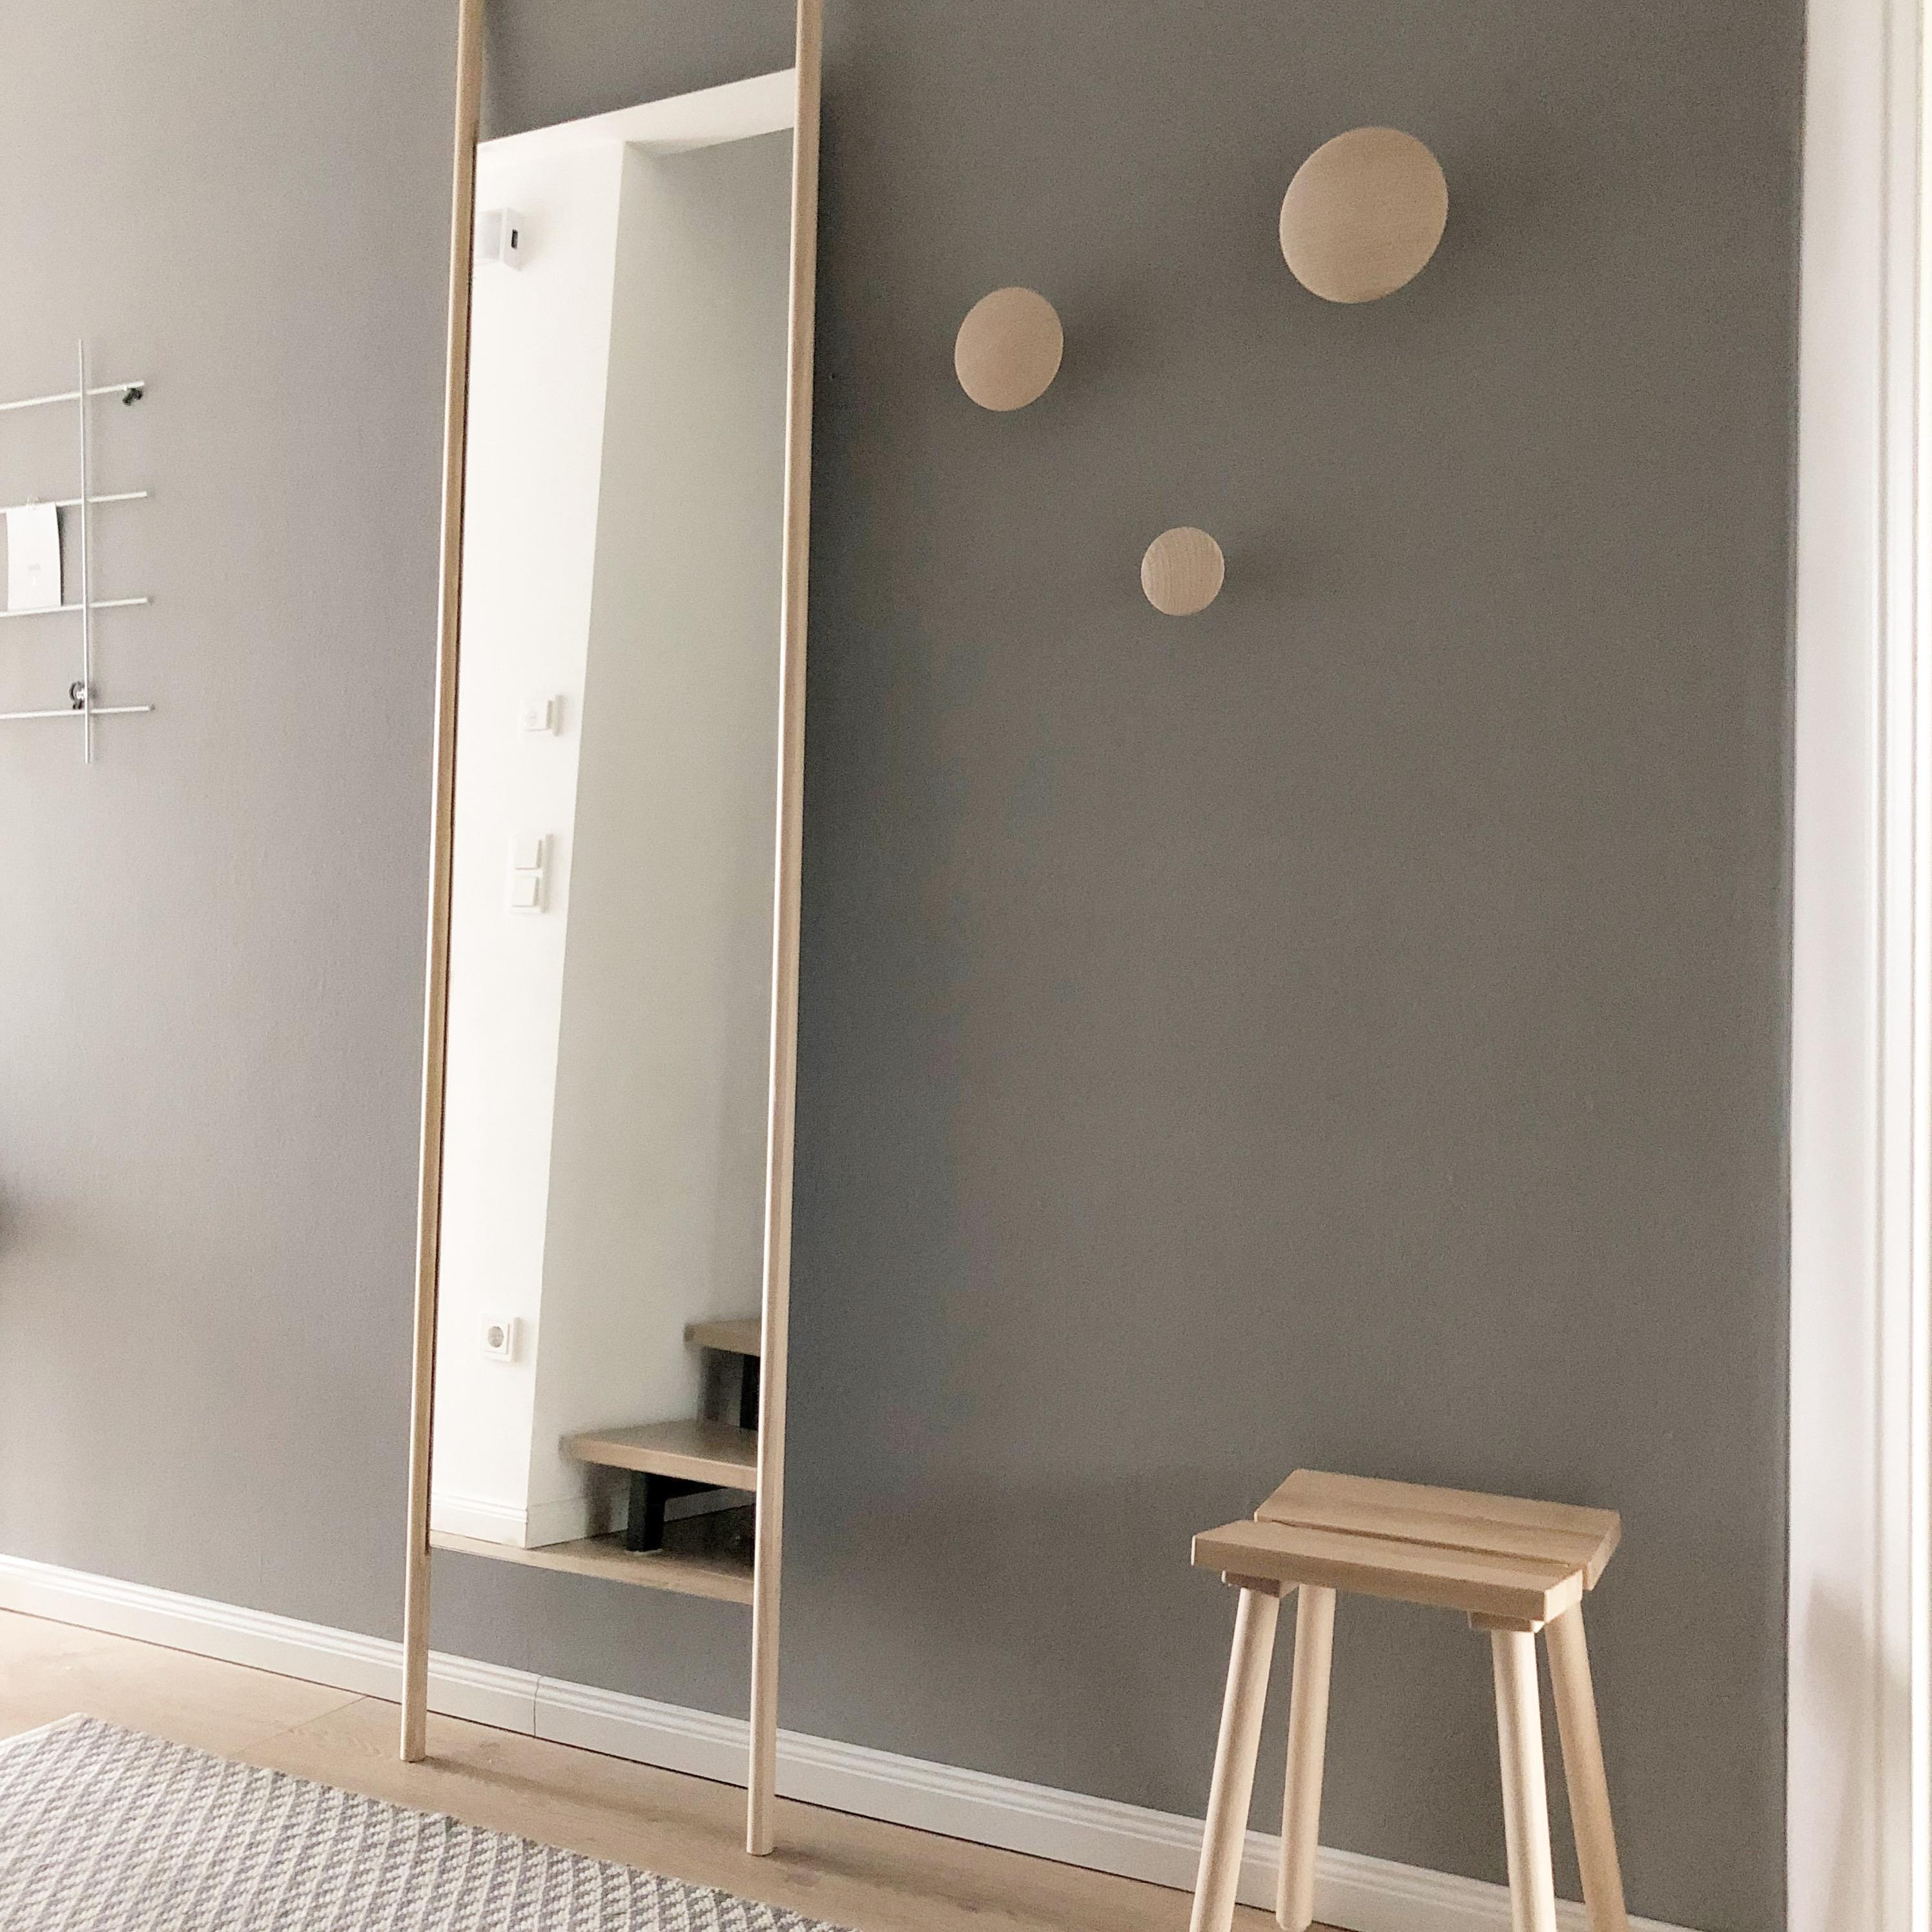 Flur bilder ideen couchstyle for Garderobe dots